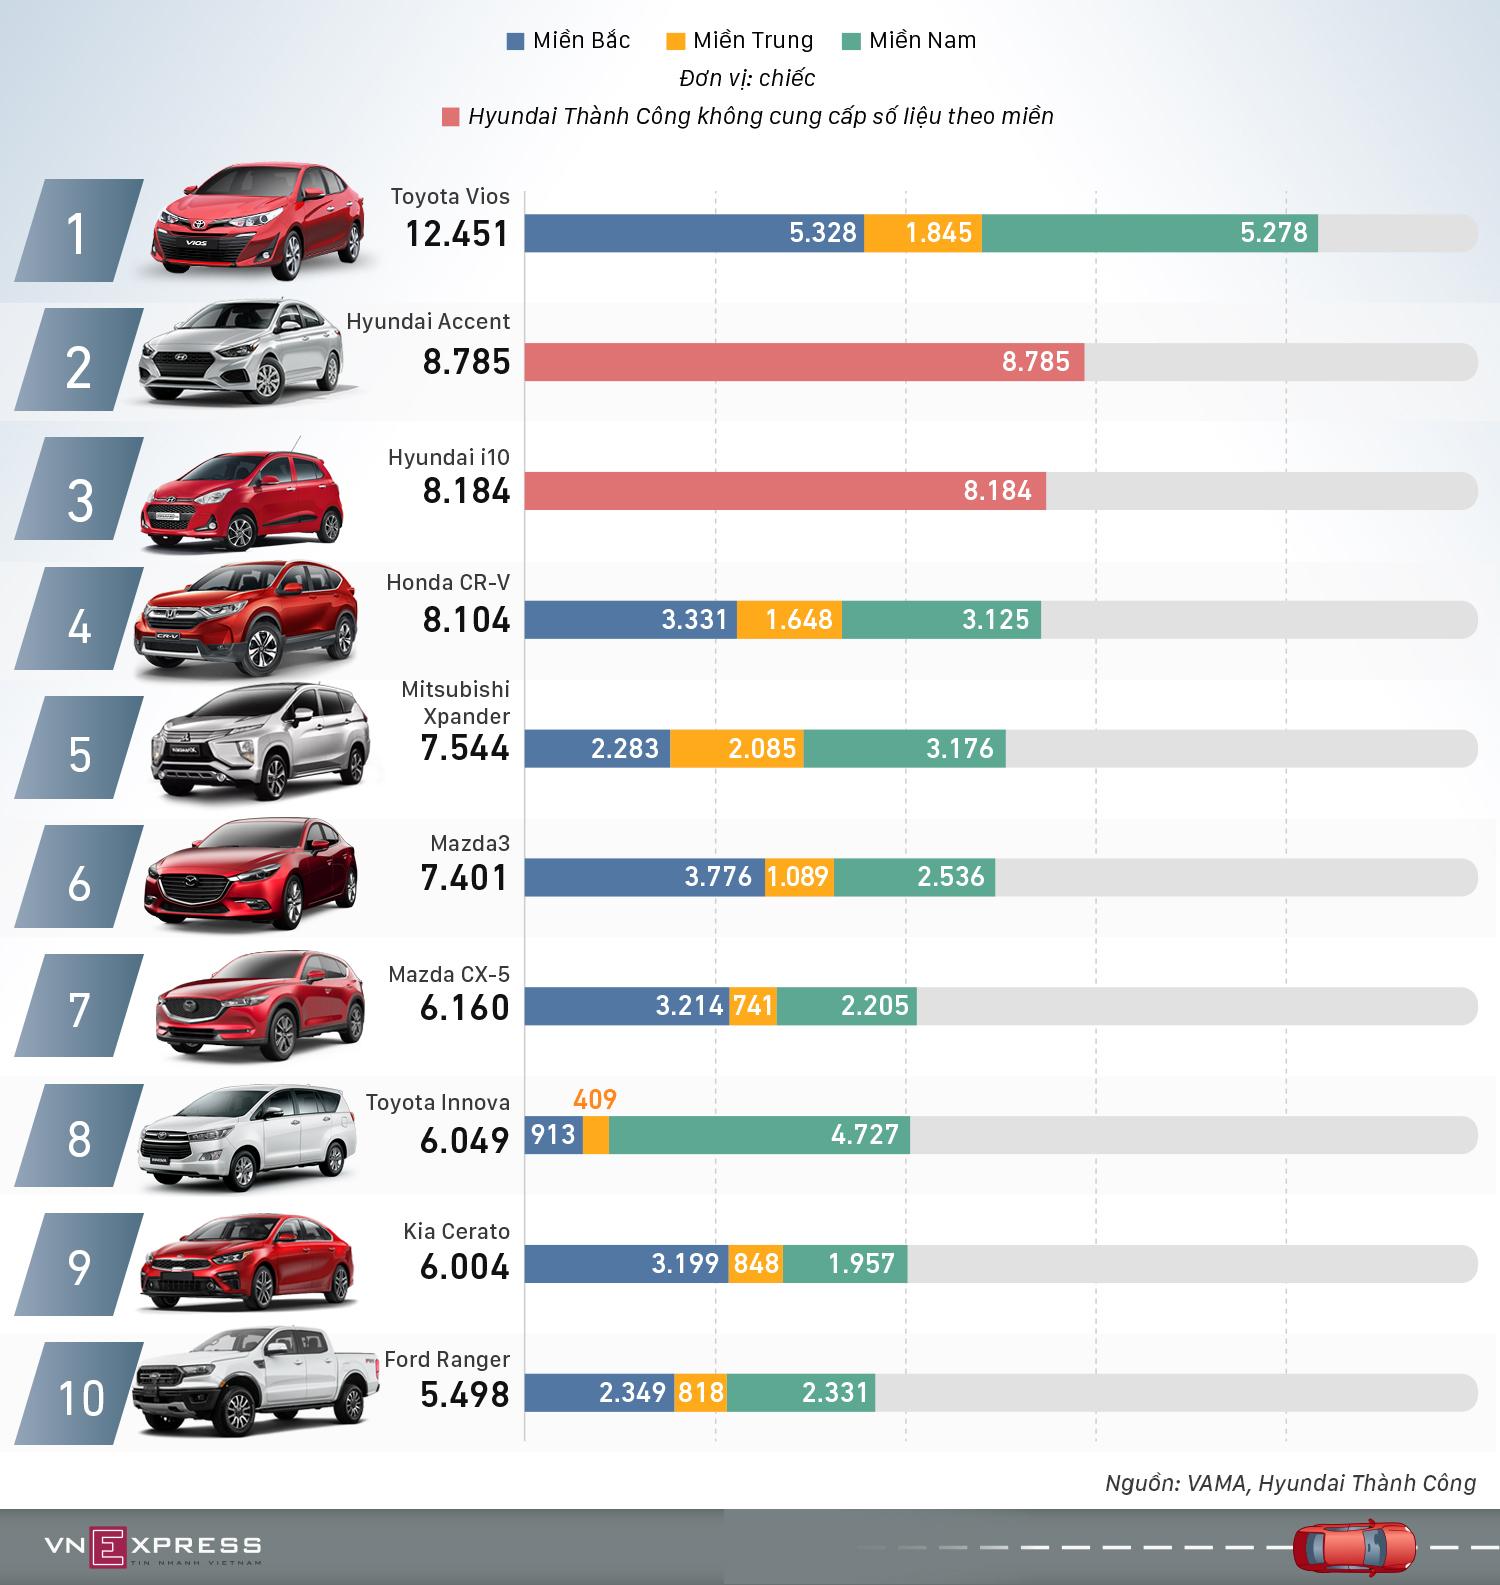 10 ôtô người Việt mua nhiều nhất nửa đầu năm 2019